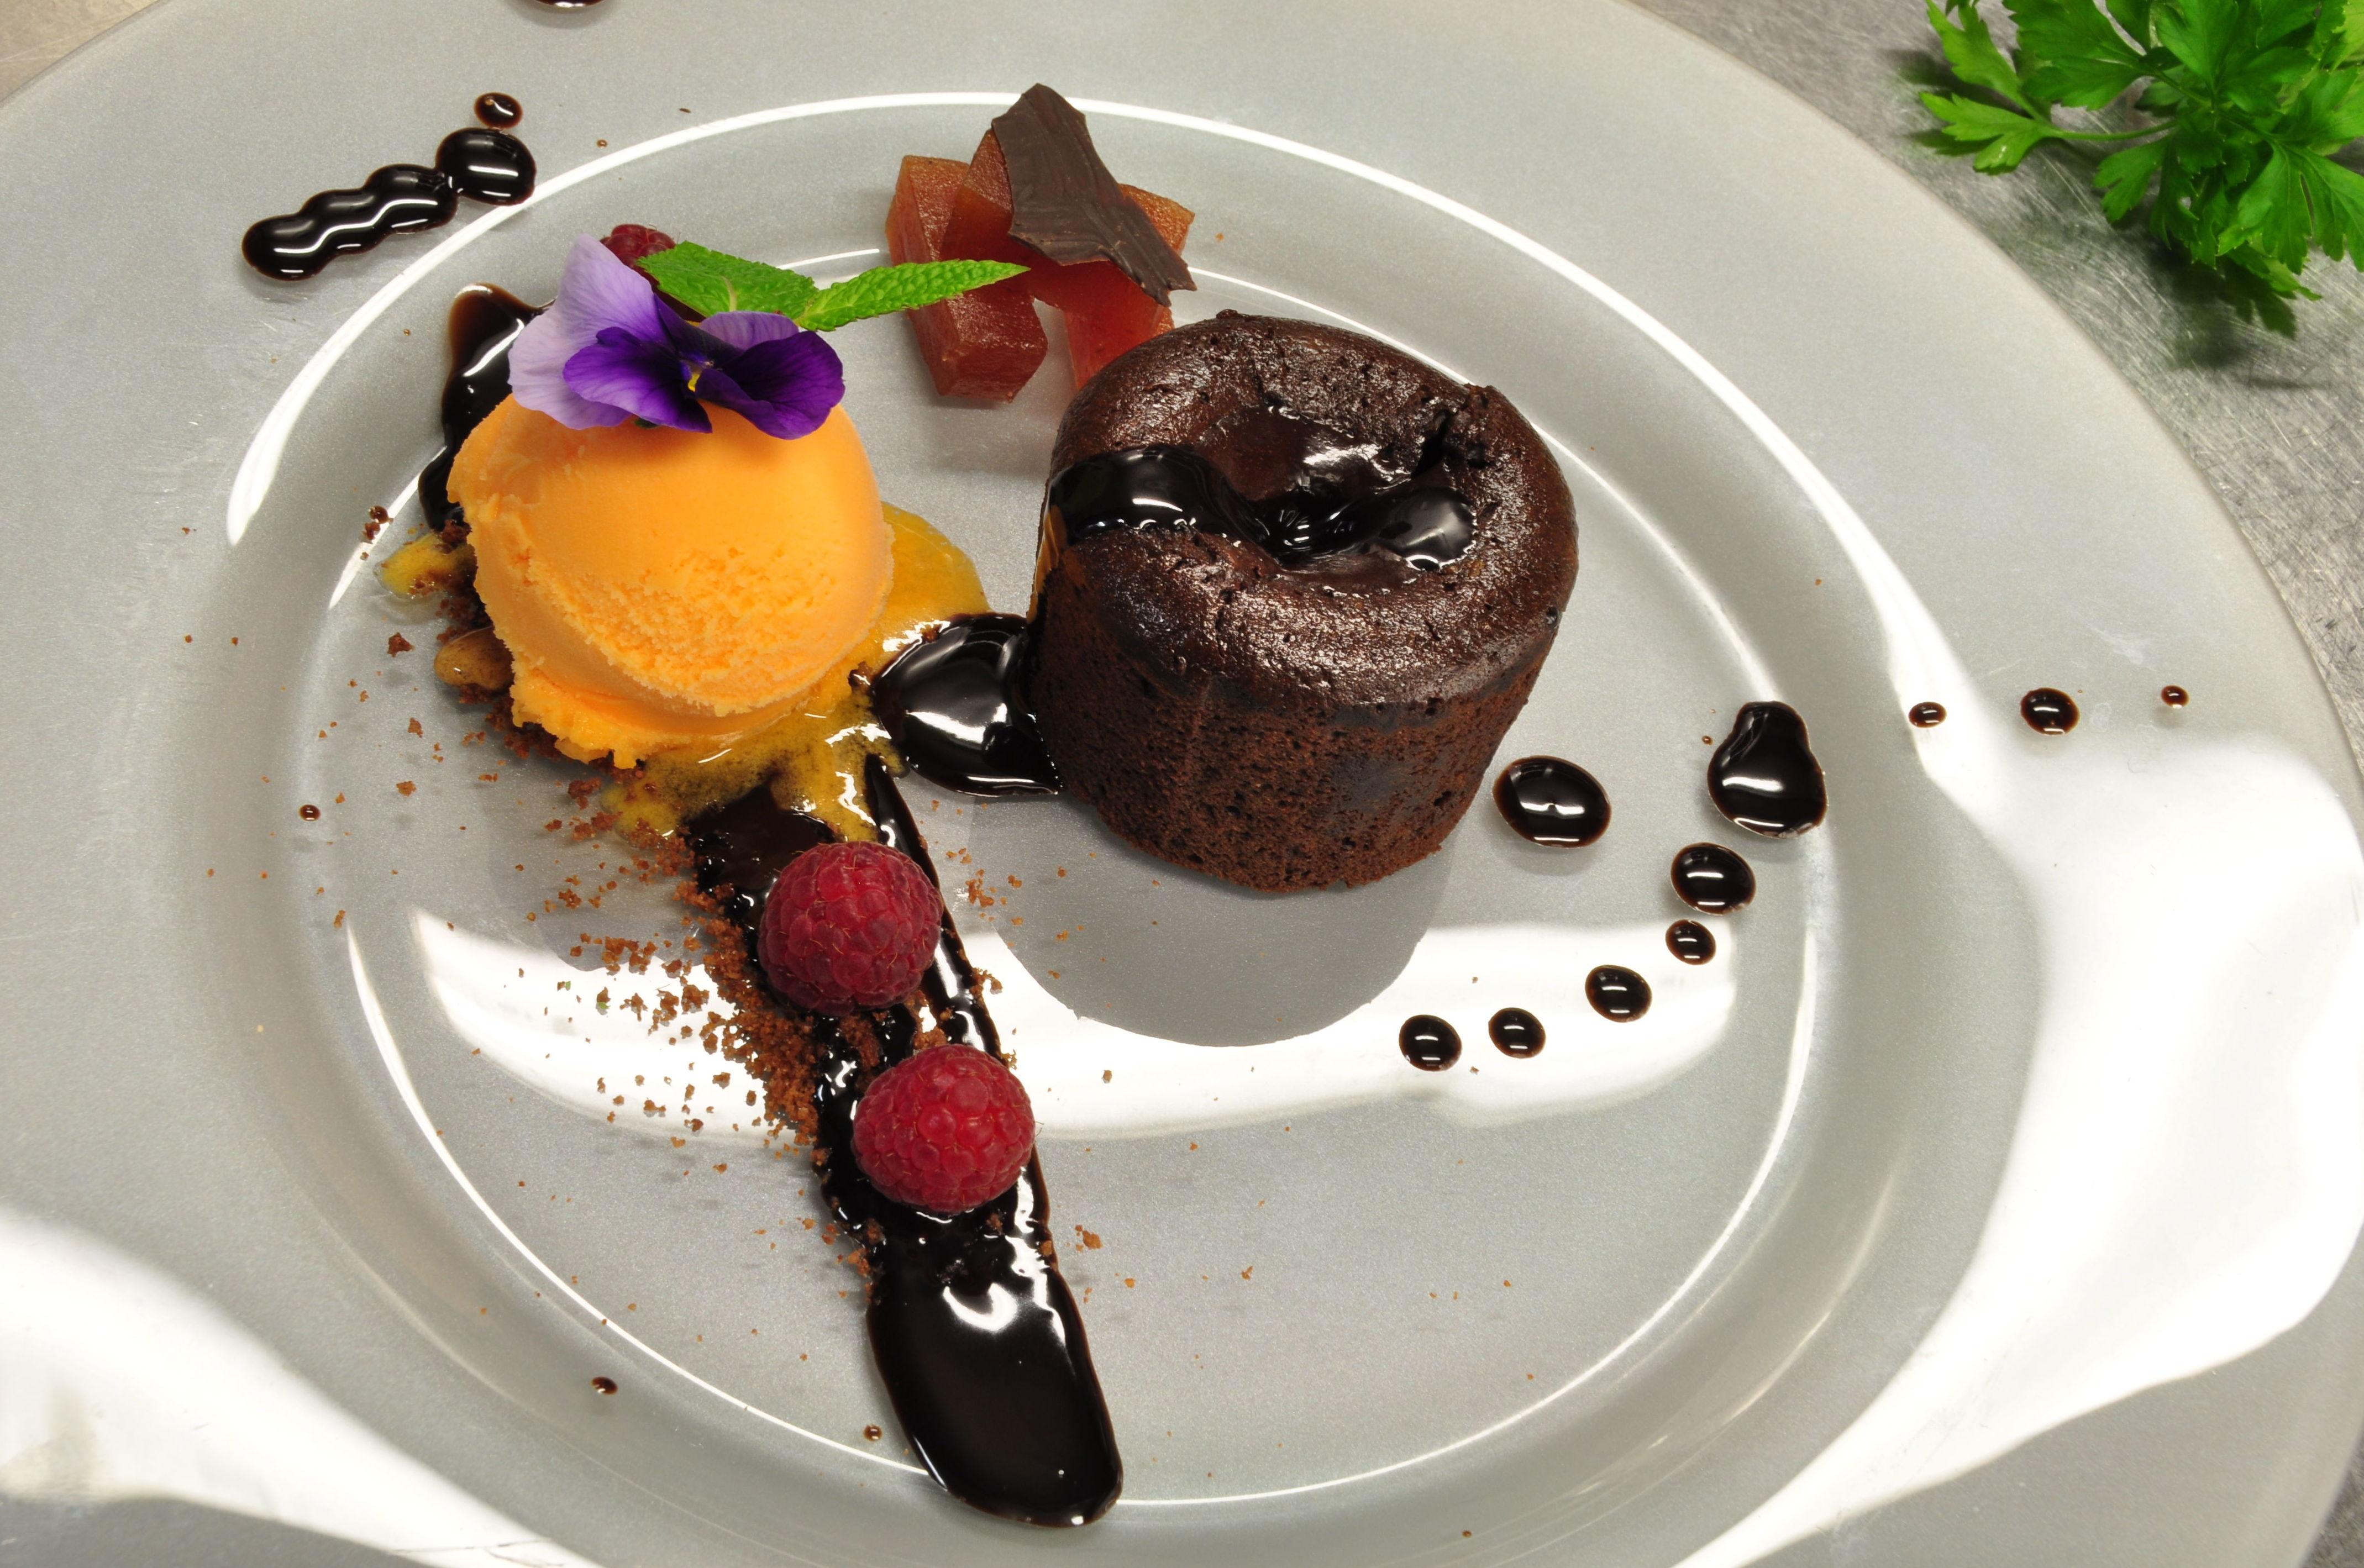 Coulant de chocolate negro, con carne de membrillo, helado de cítricos y arándanos glaseados.